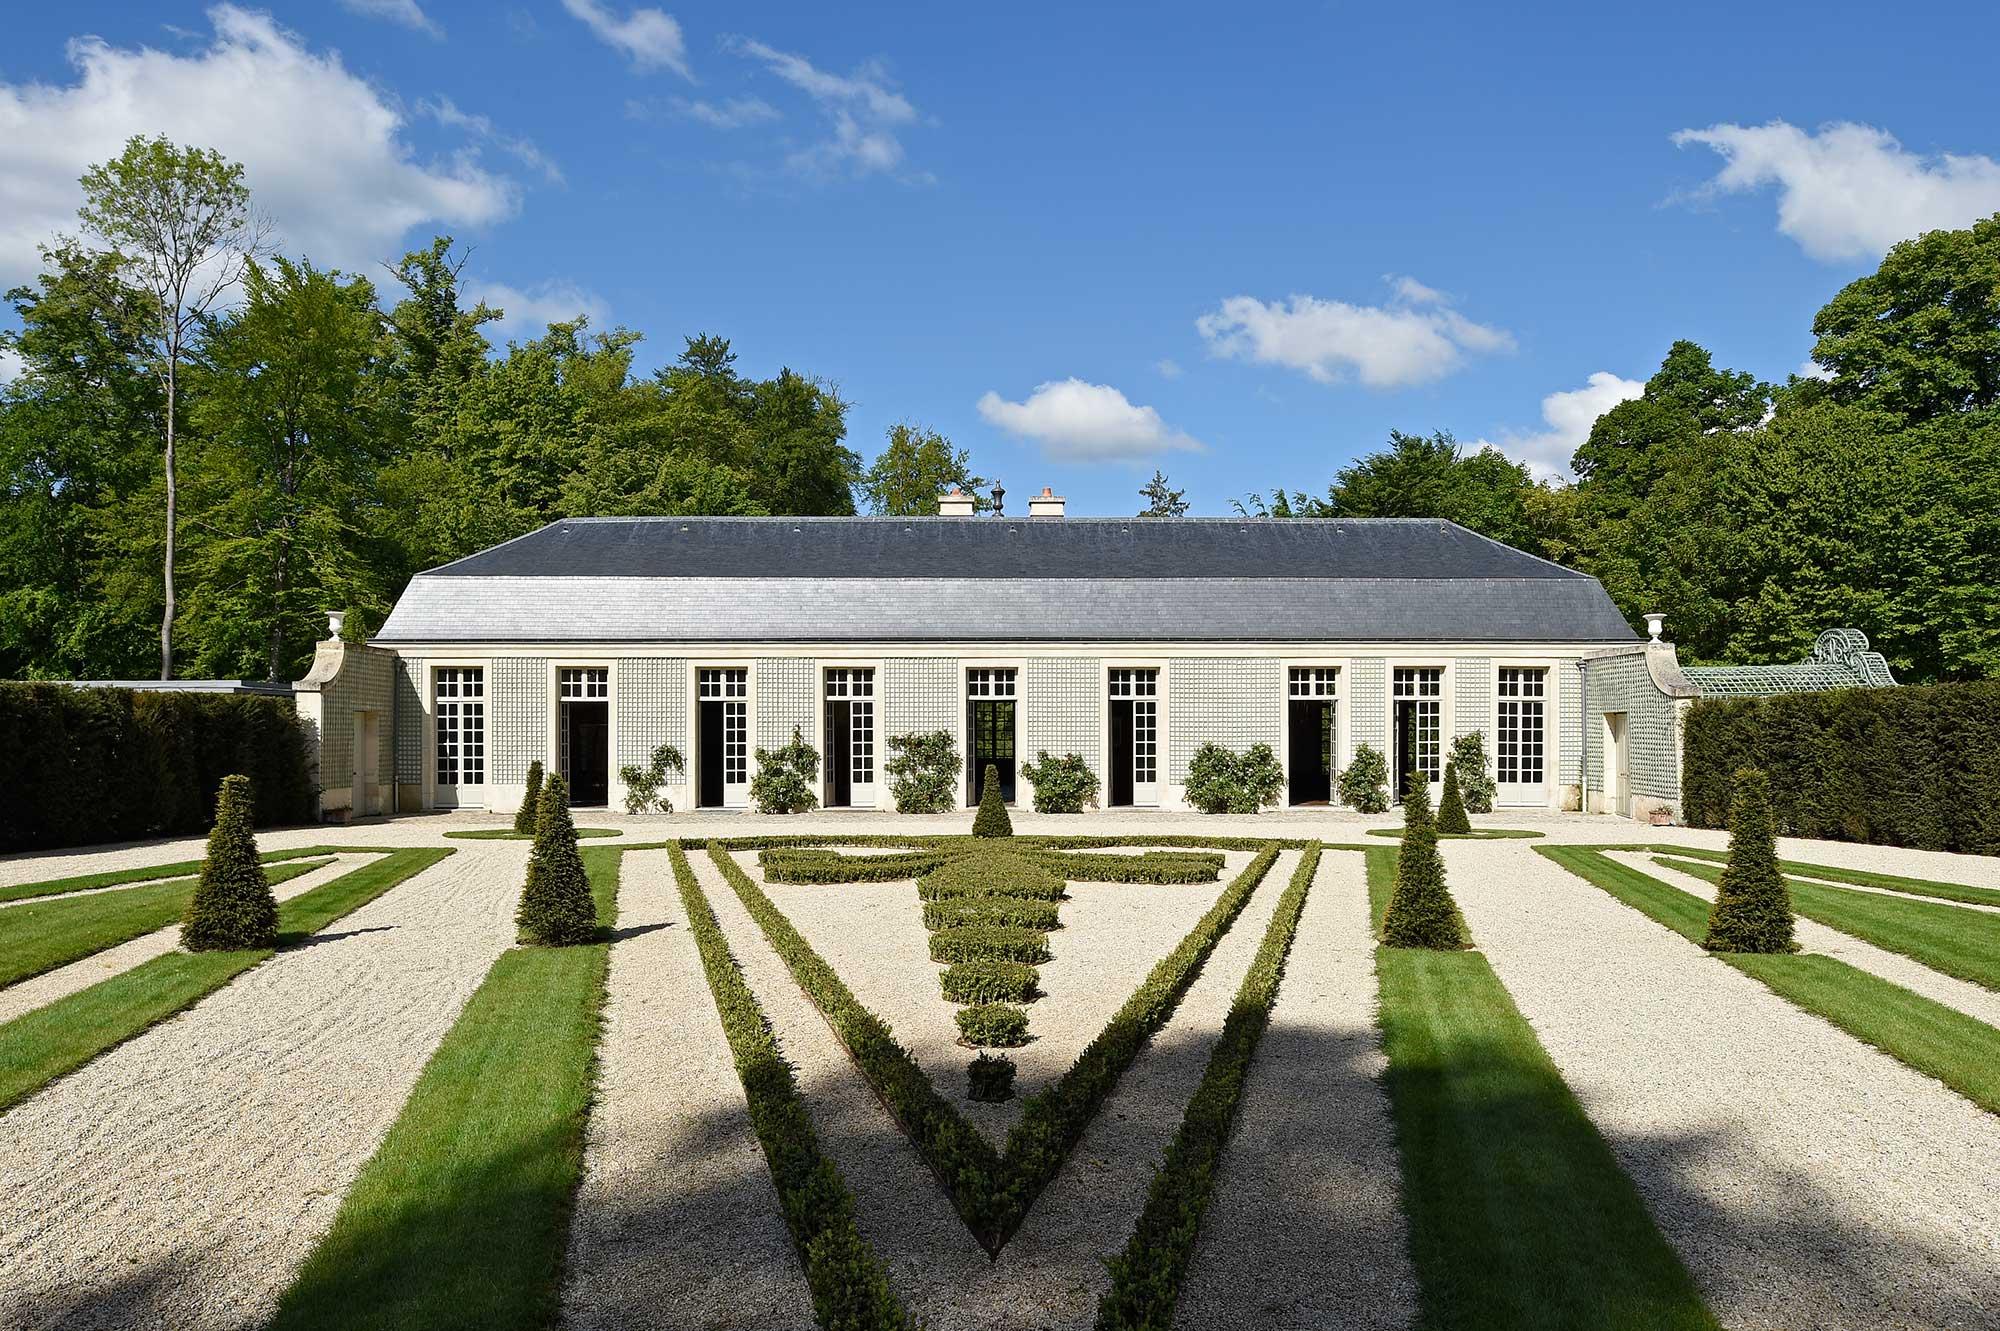 Andr le n tre et le jardin de chantilly 16 photographies andr le n tre - Les jardins de la lagune oualidia sylvie ...